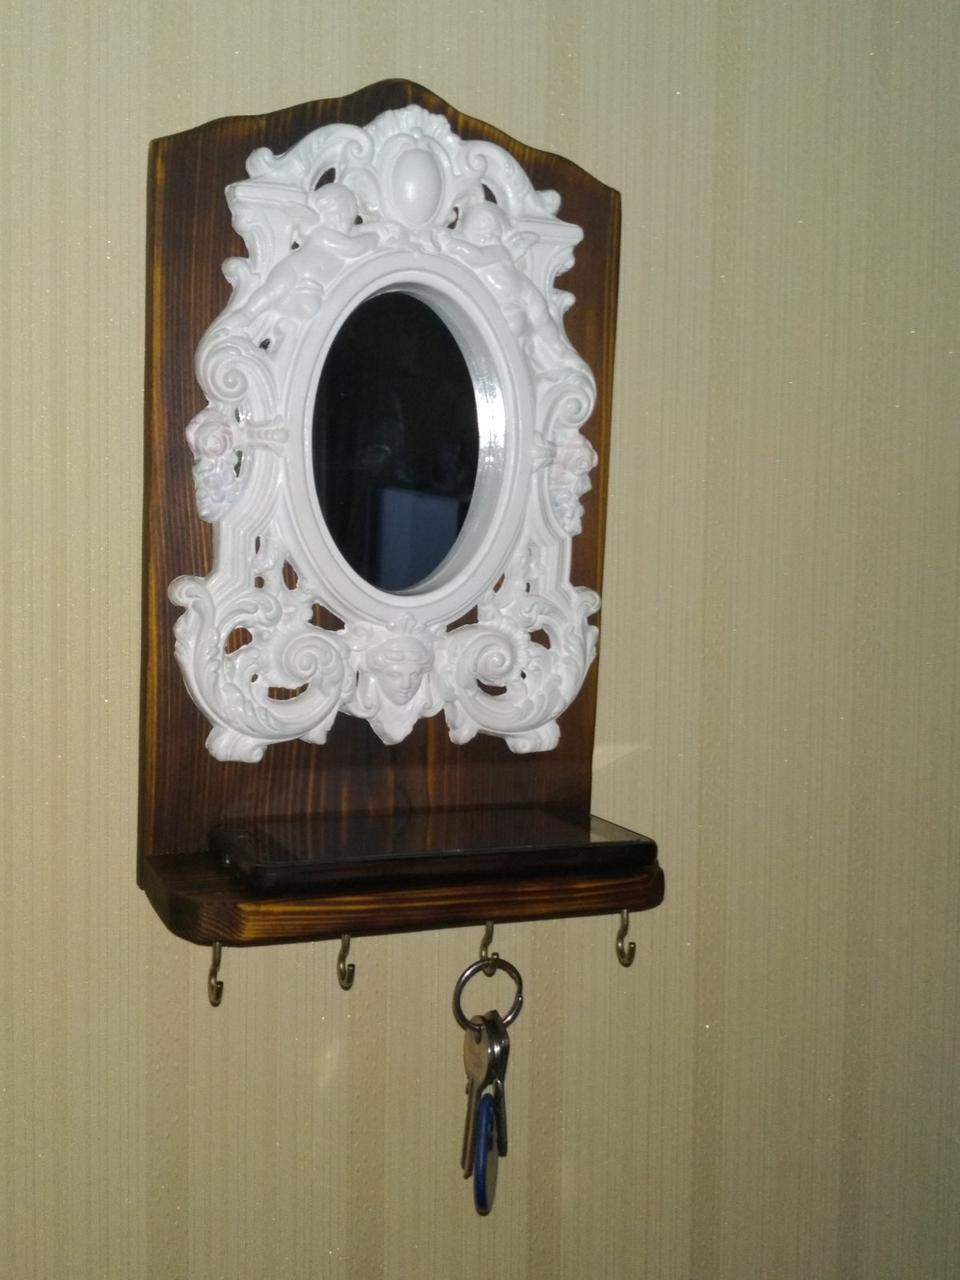 Ключниця з дзеркалом та полицею (4 гачки) | Ключница с зеркалом и полкой (4 крючка)